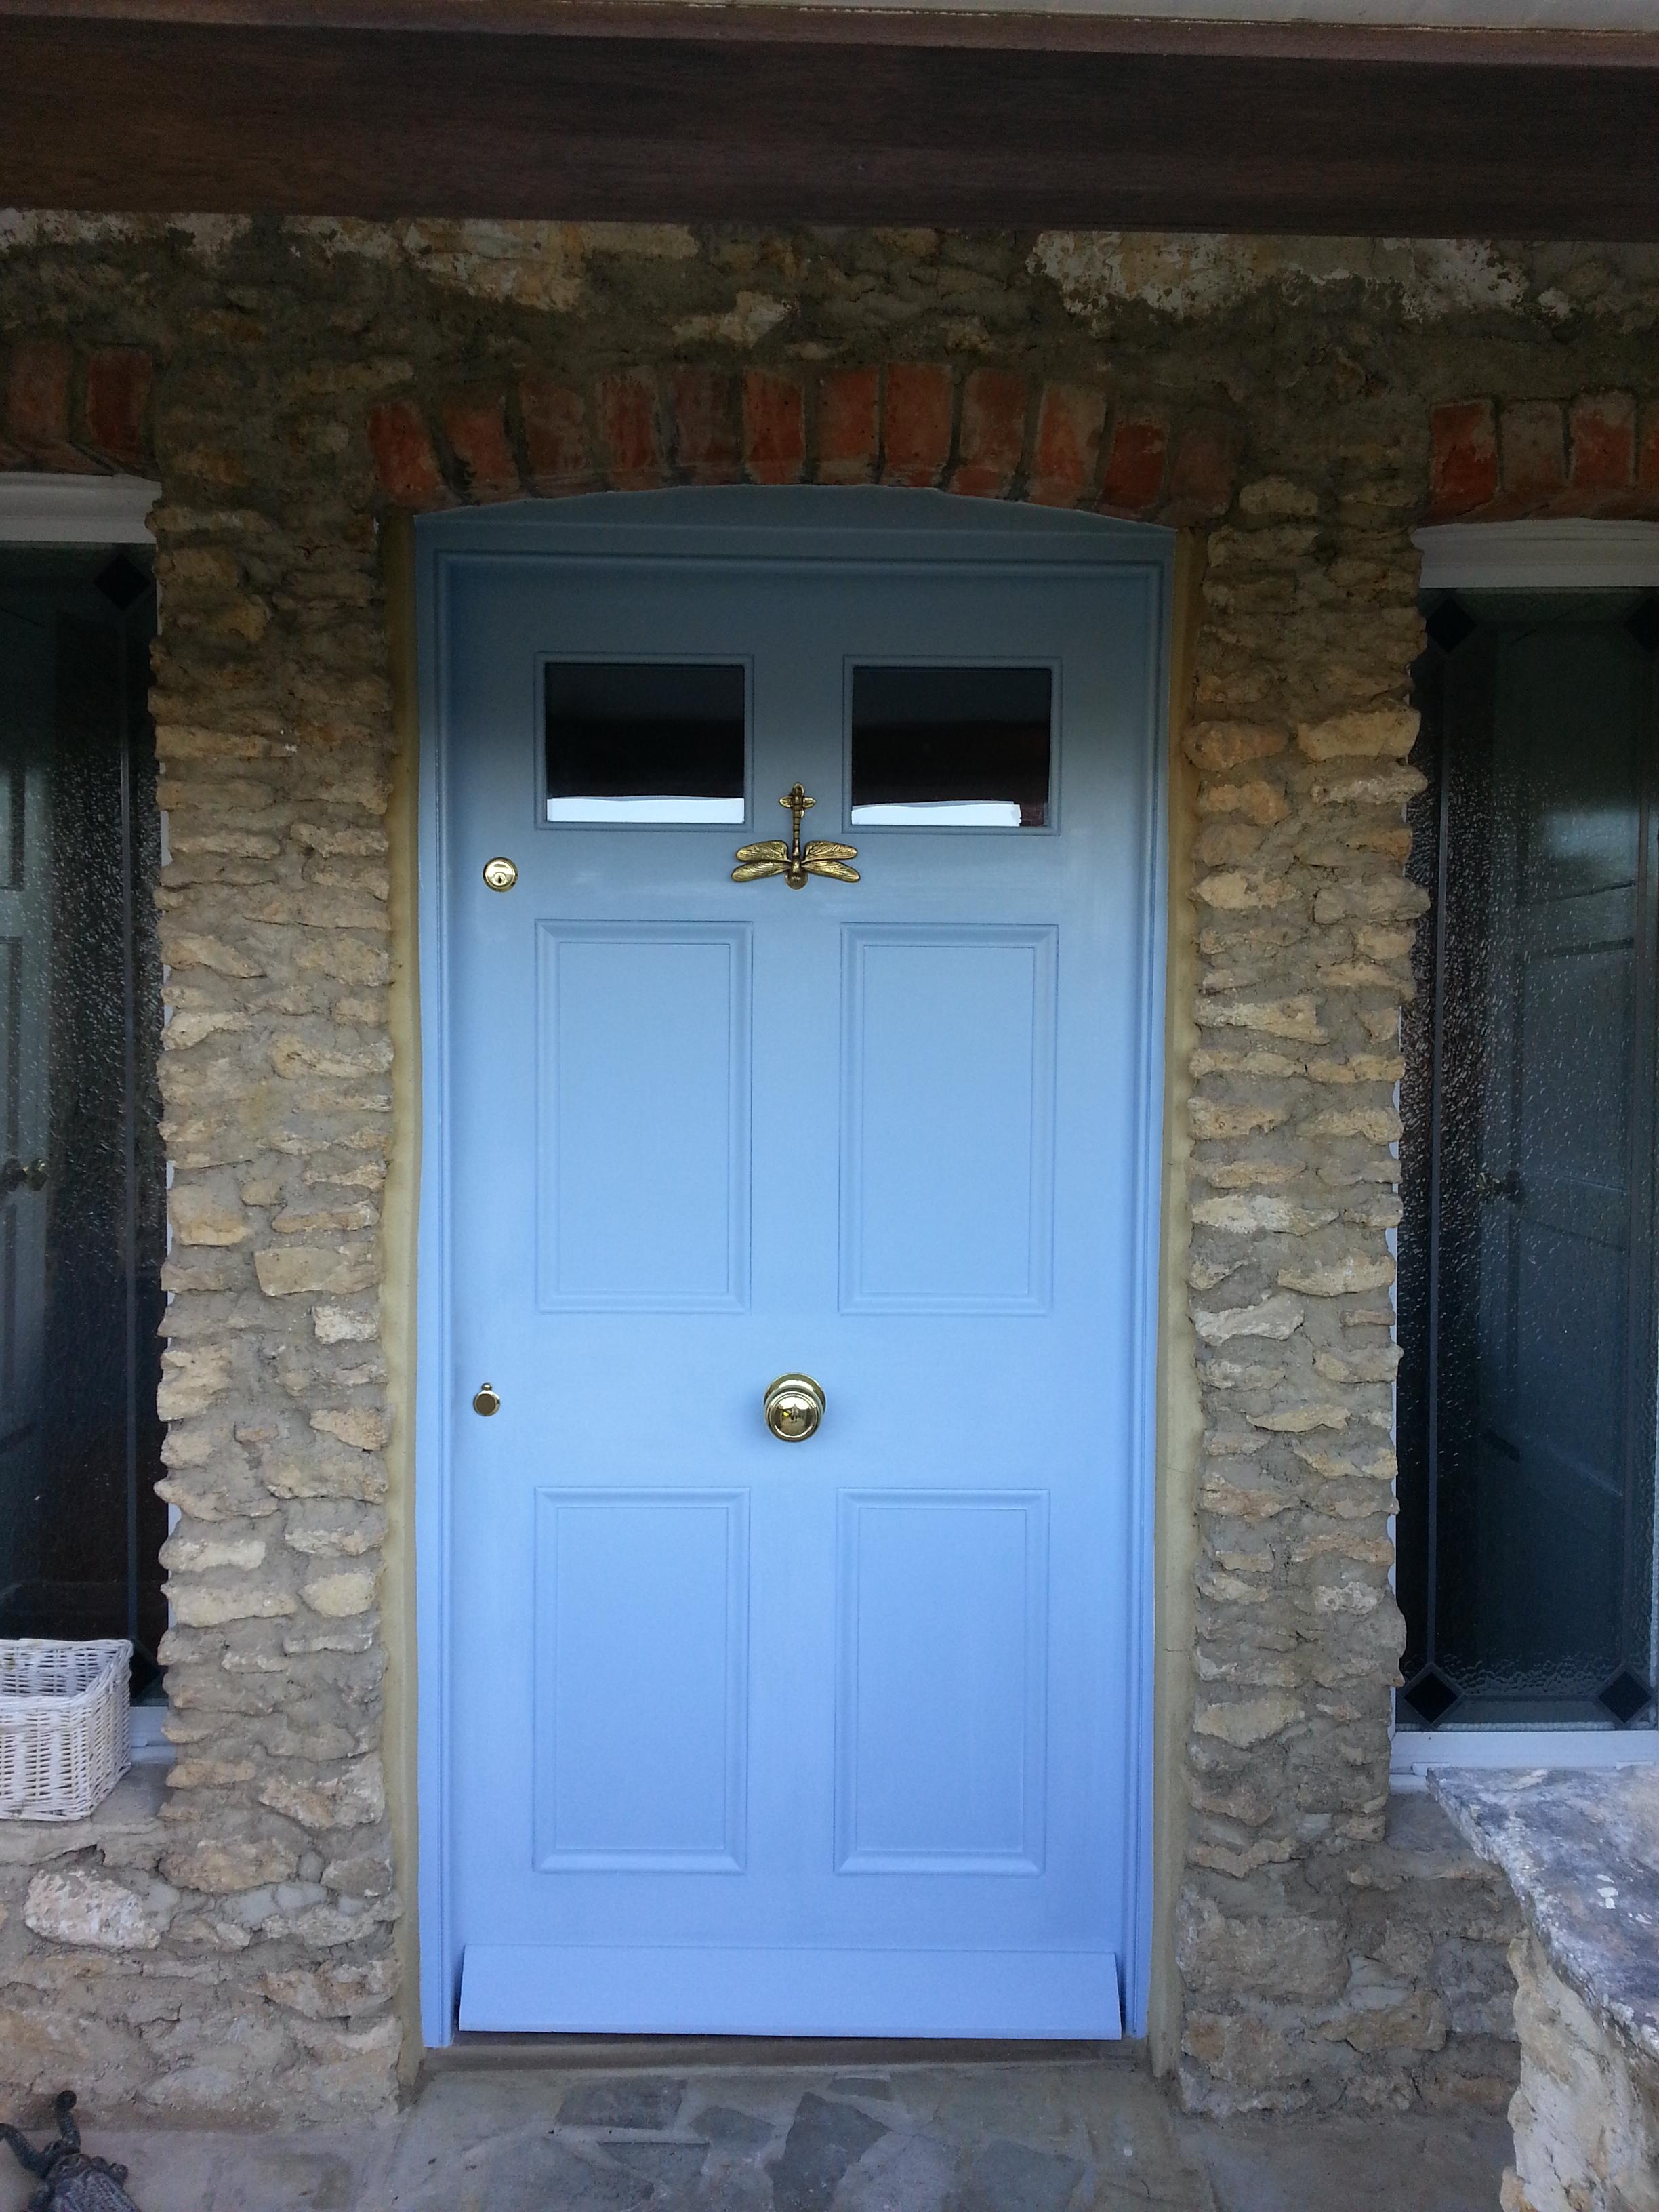 Exterior front door decoration in Stanton Fitzwarren, Swindon, Wiltshire